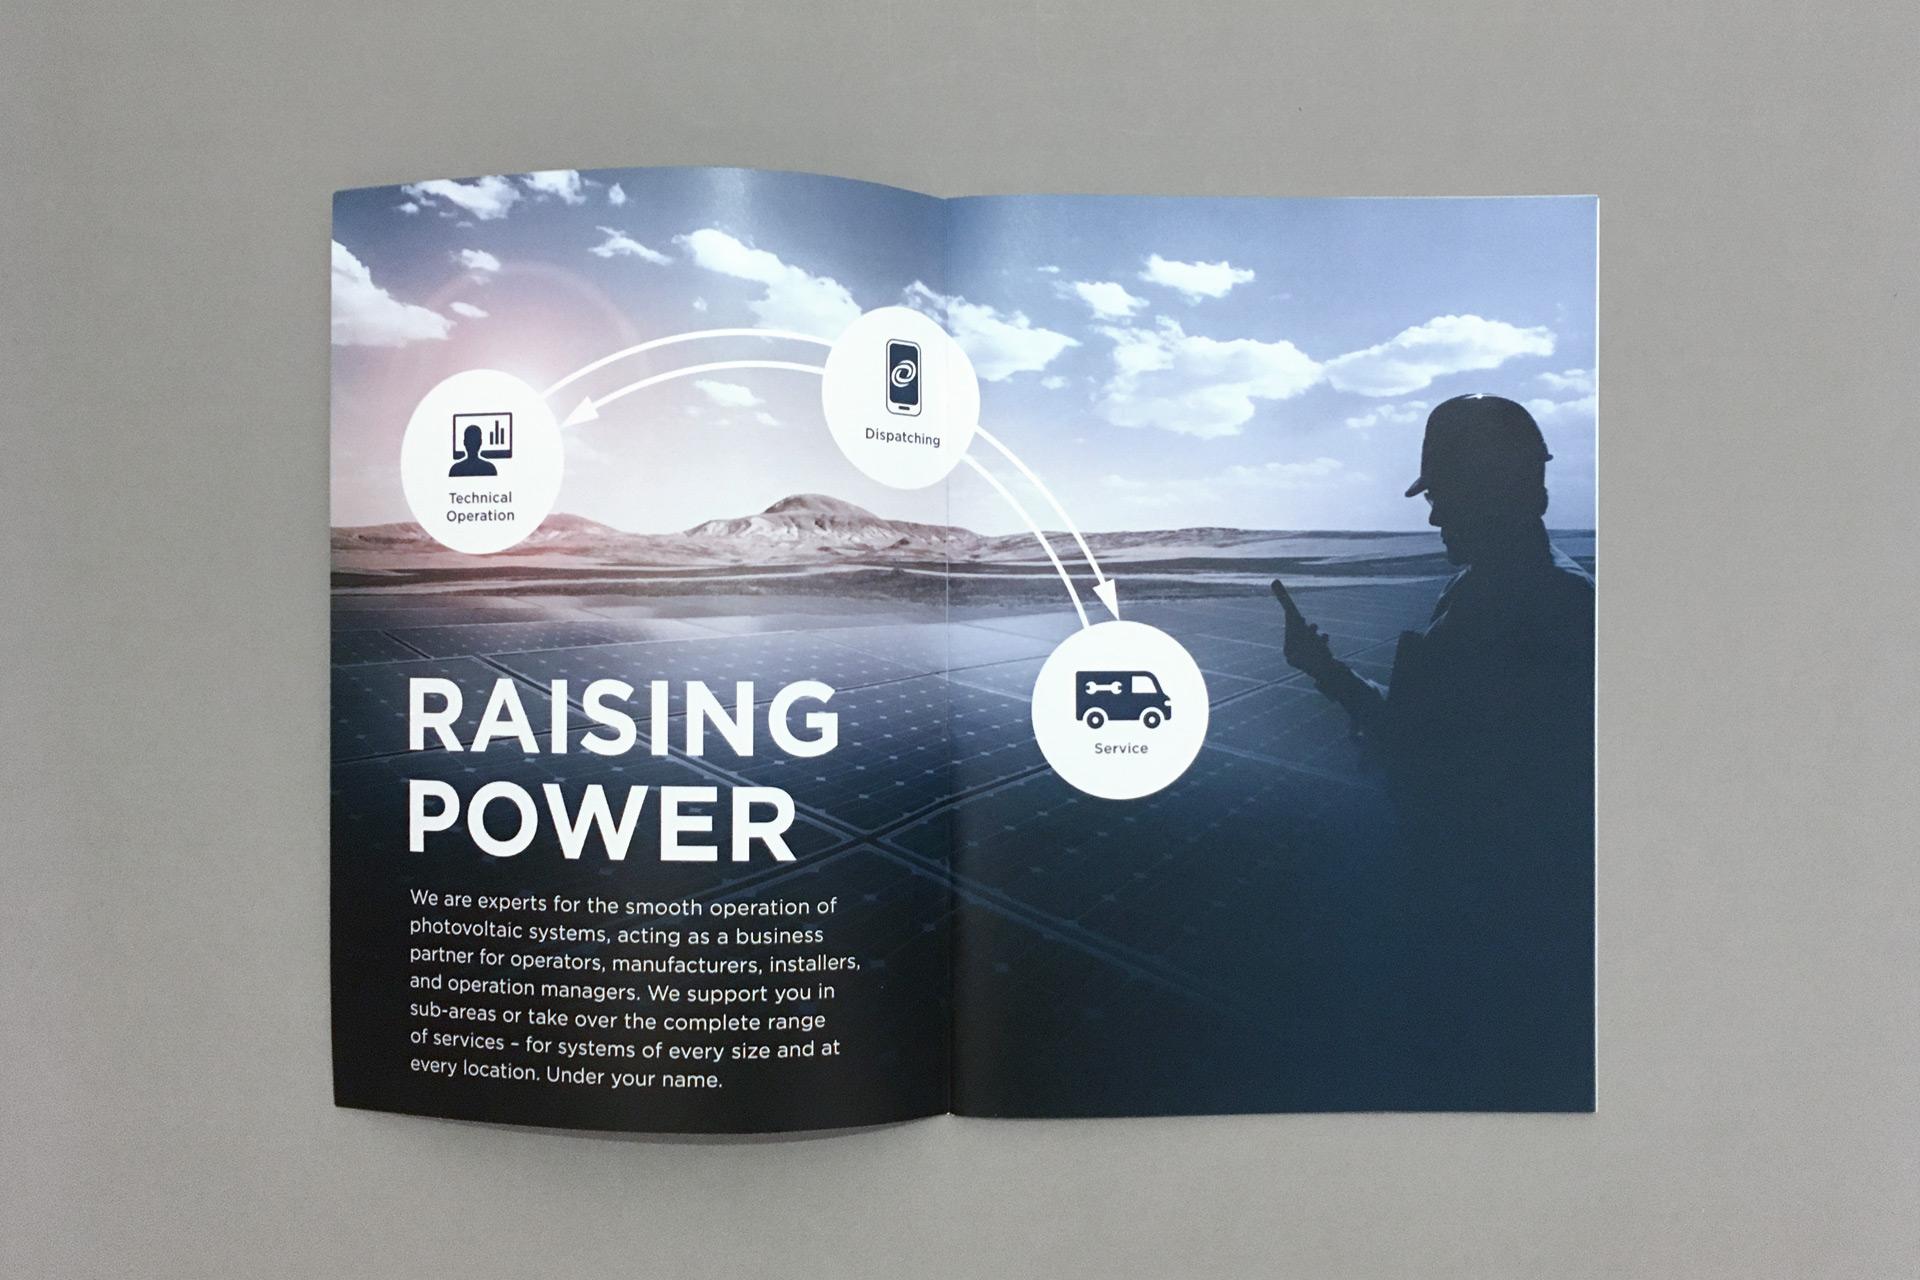 Raising Power Broschüre, aufgeschlagen